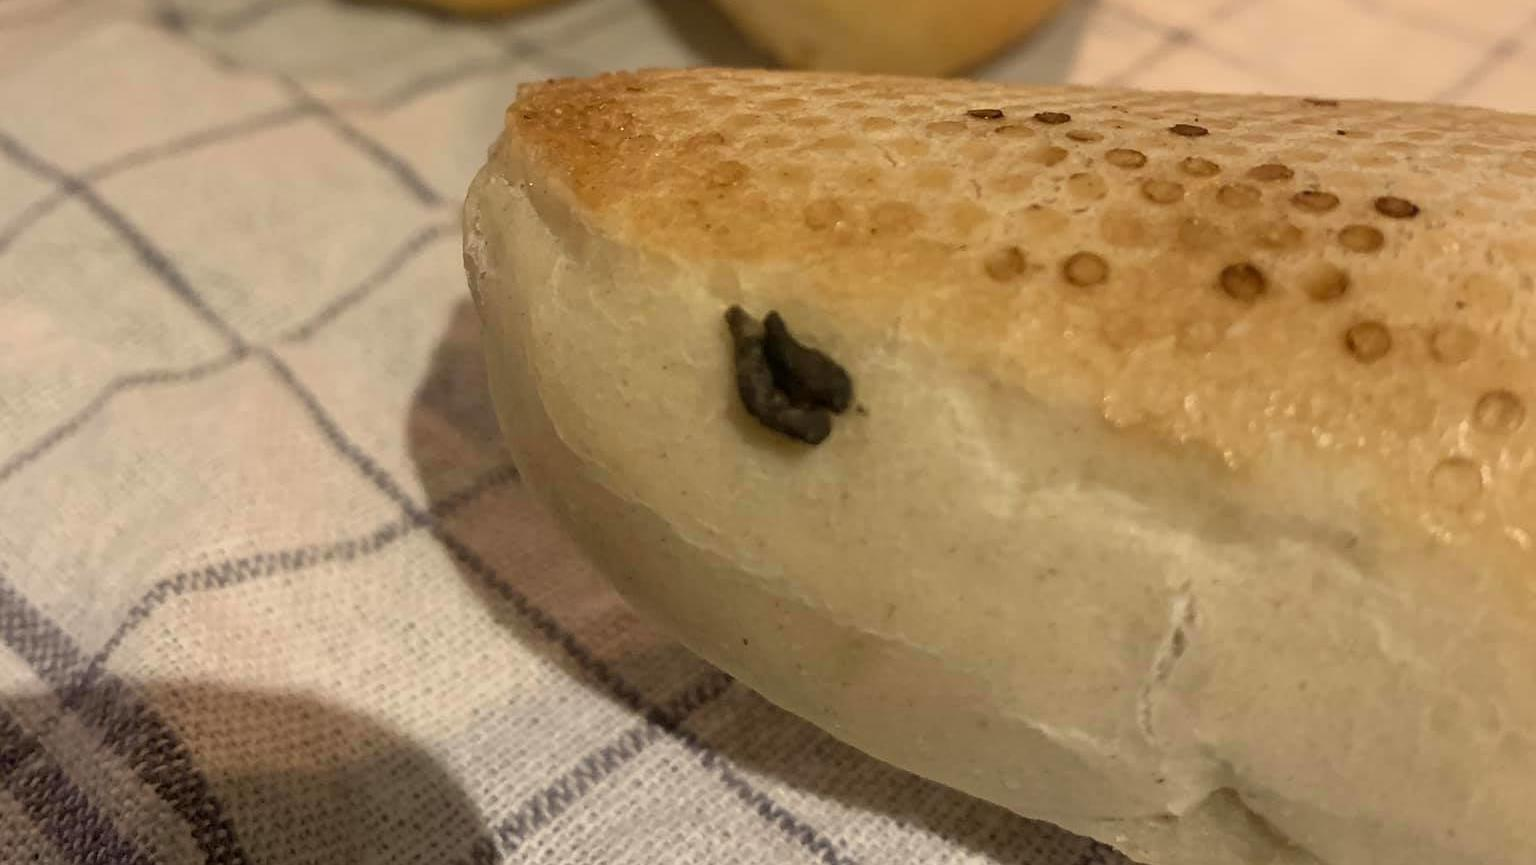 Ein Kunde fand vermutlich Nagerkot auf dem Baguette-Brötchen des Supermarktes Edeka.